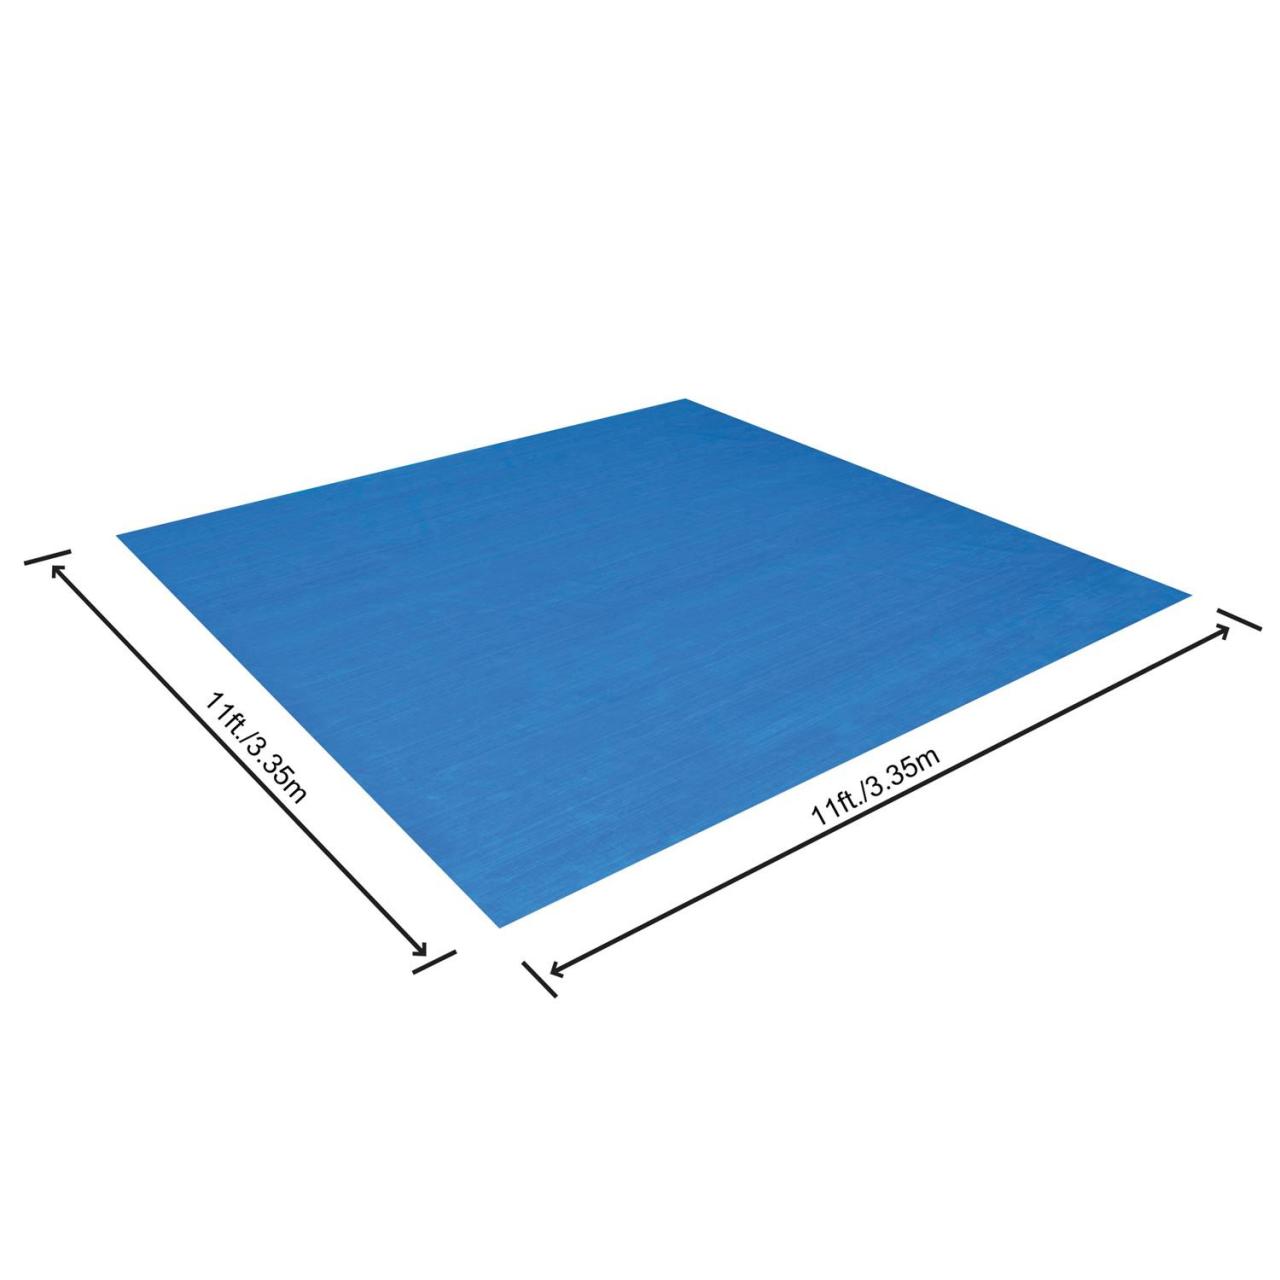 Bestway 58001 Flowclear Bodenplane Quadratisch 335x335cm Bodenschutz Poolschutz